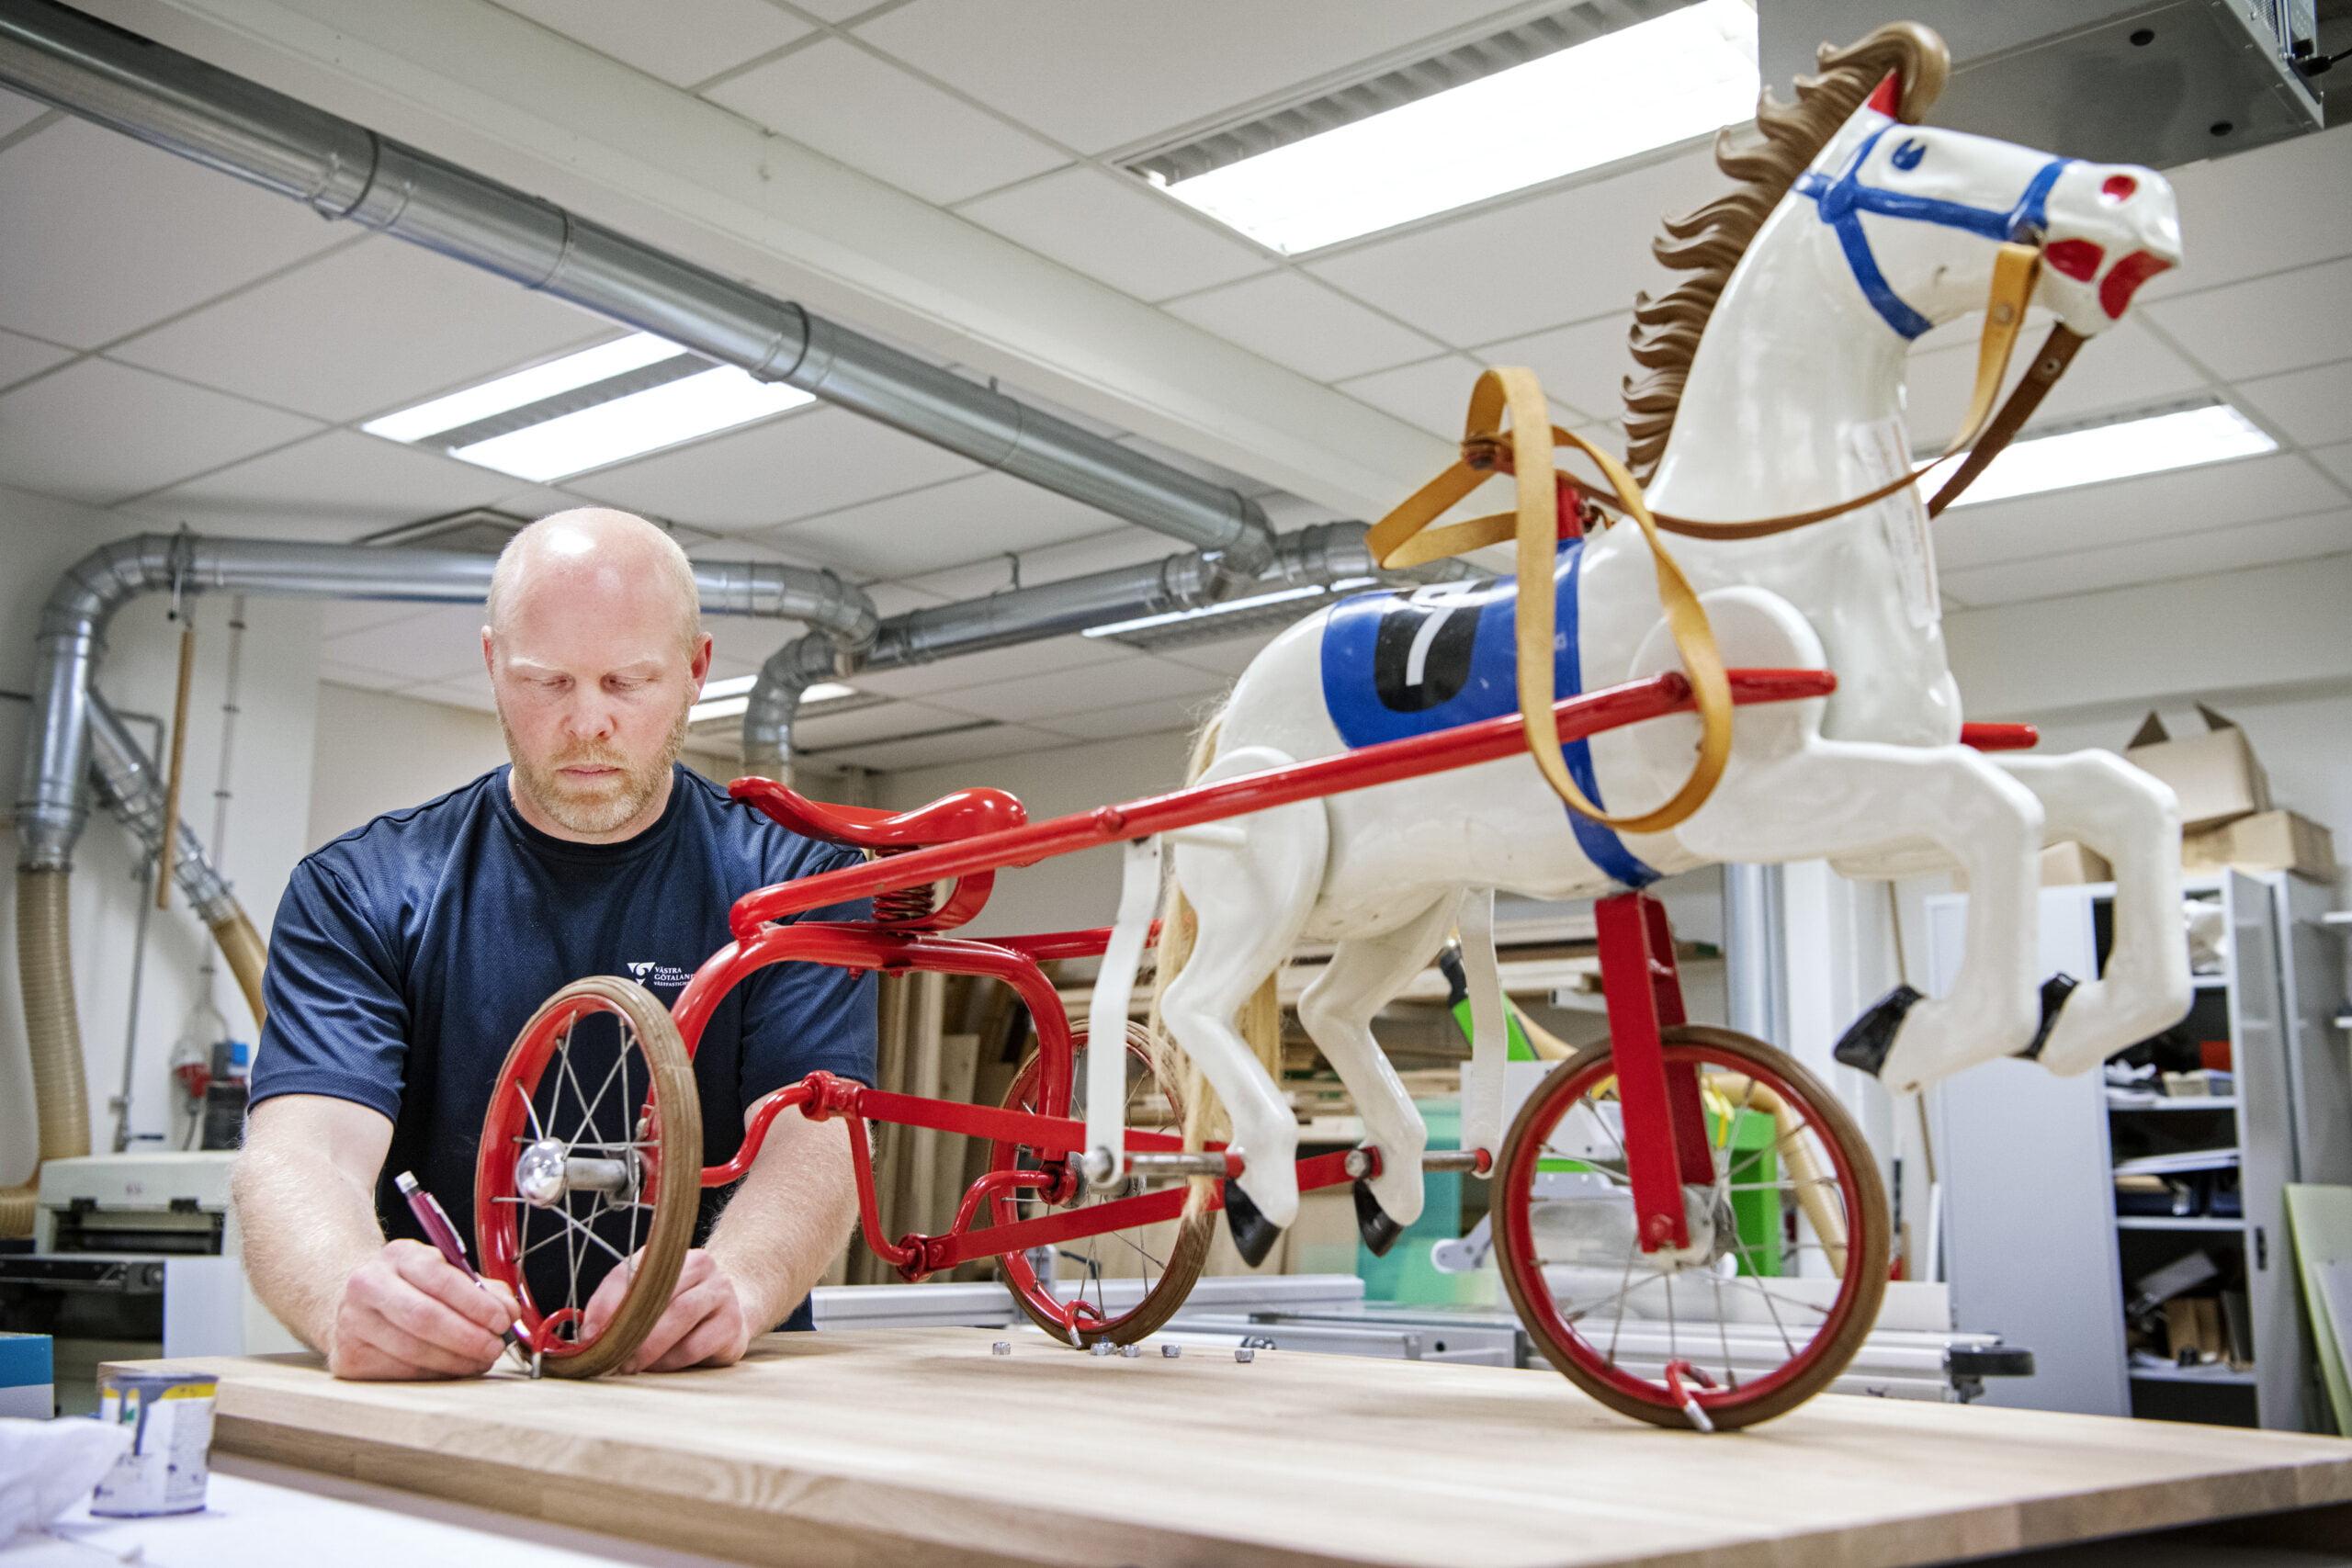 Hans Persson monterar leksakshästen på en låg sockel av ek. Hästen ska till en barn- och ungdomspsykiatrisk mottagning i Borås. Den ska tåla att klättras på, men måste monteras fast ordentligt så det inte går att köra iväg med den. Foto: Kent Eng.